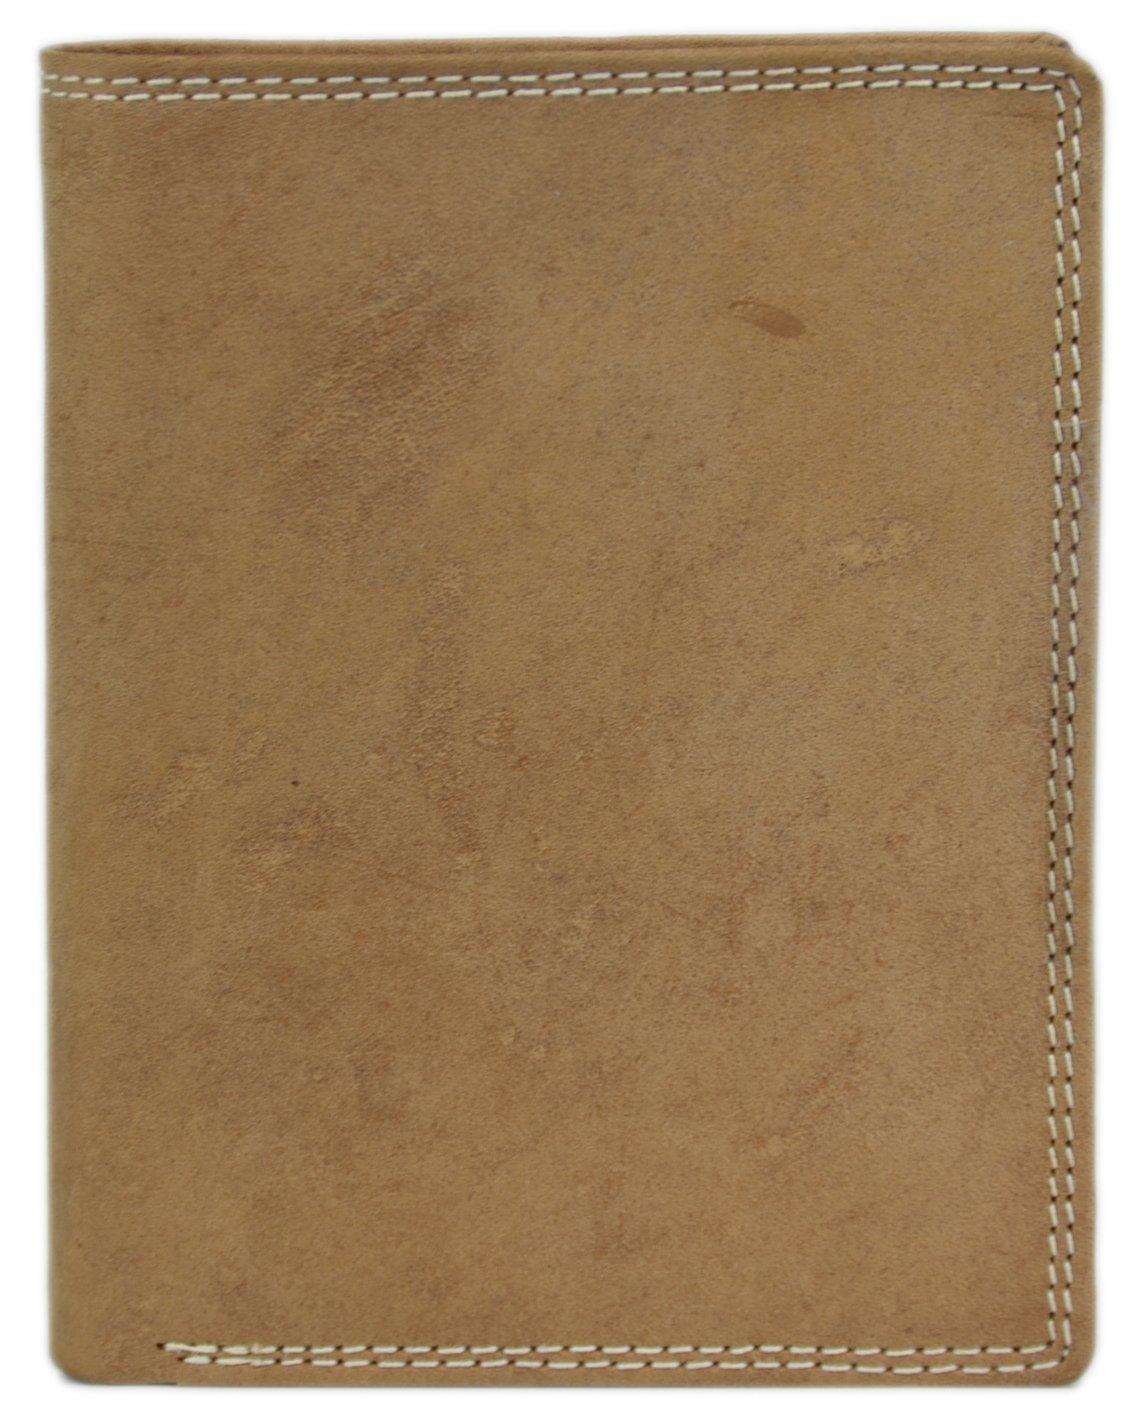 Solo Pelle Vintage Portafoglio in Pelle di bufalo oliato e con doppia cucitura Model: 0110